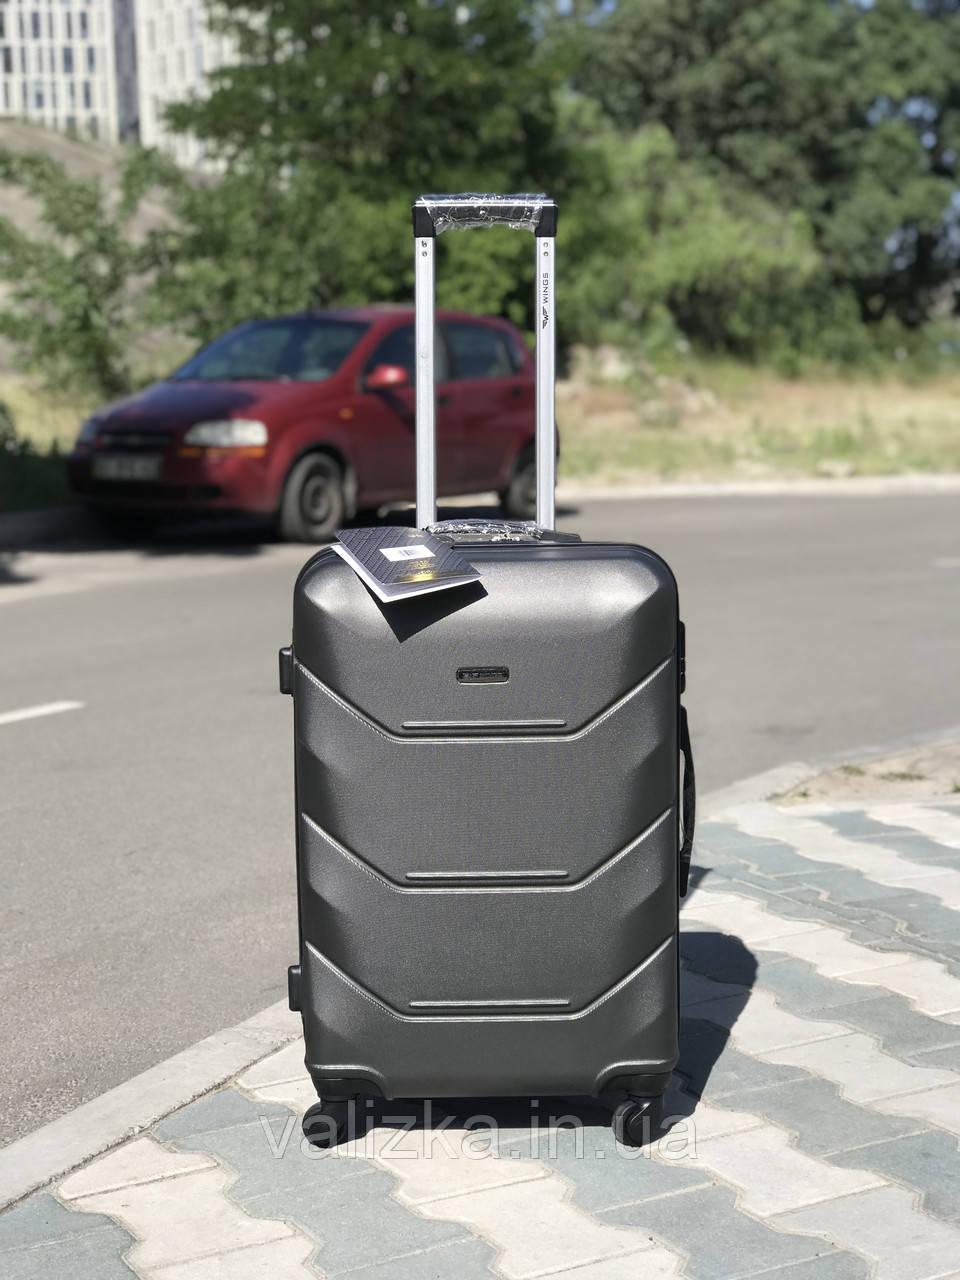 Средний пластиковый чемодан темно-серый на 4-х колесах / Середня пластикова валіза